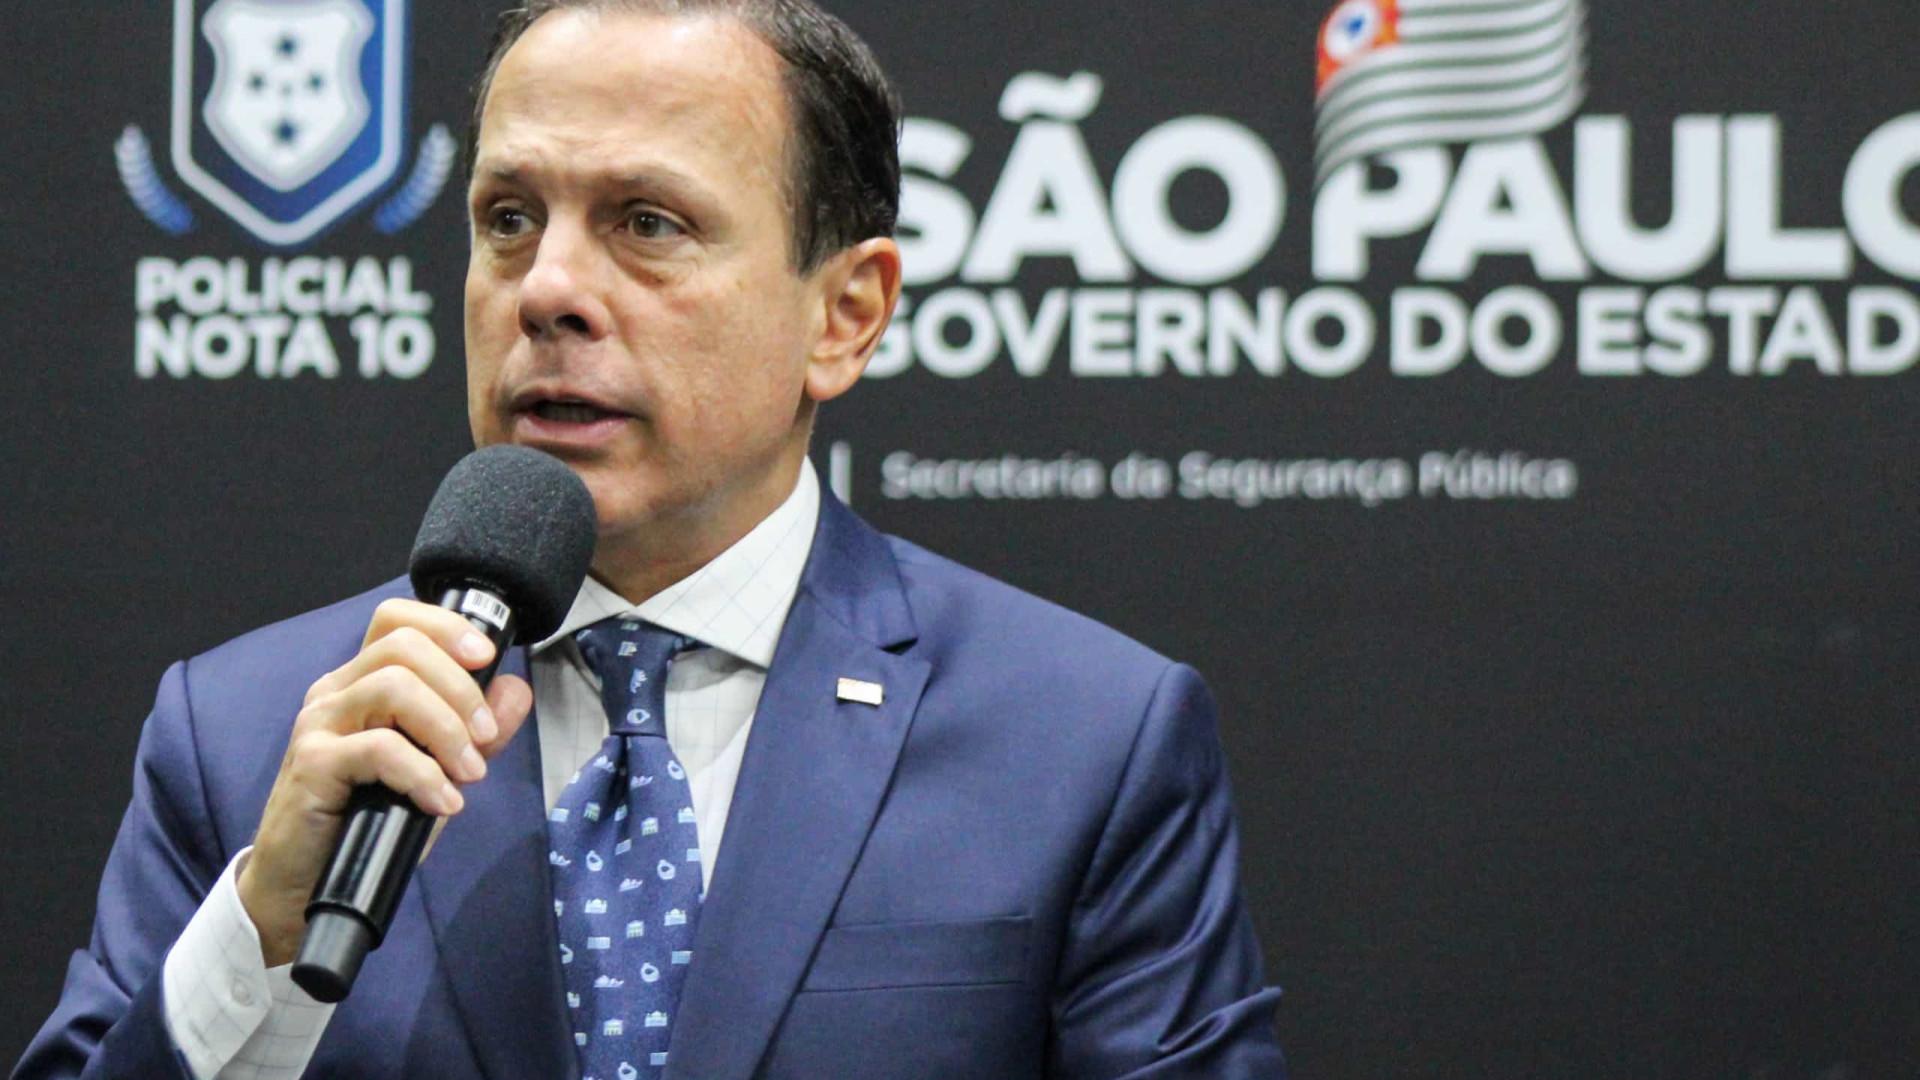 Embaixador chinês disse não esperar atrasos, diz Doria sobre liberação de vacinas